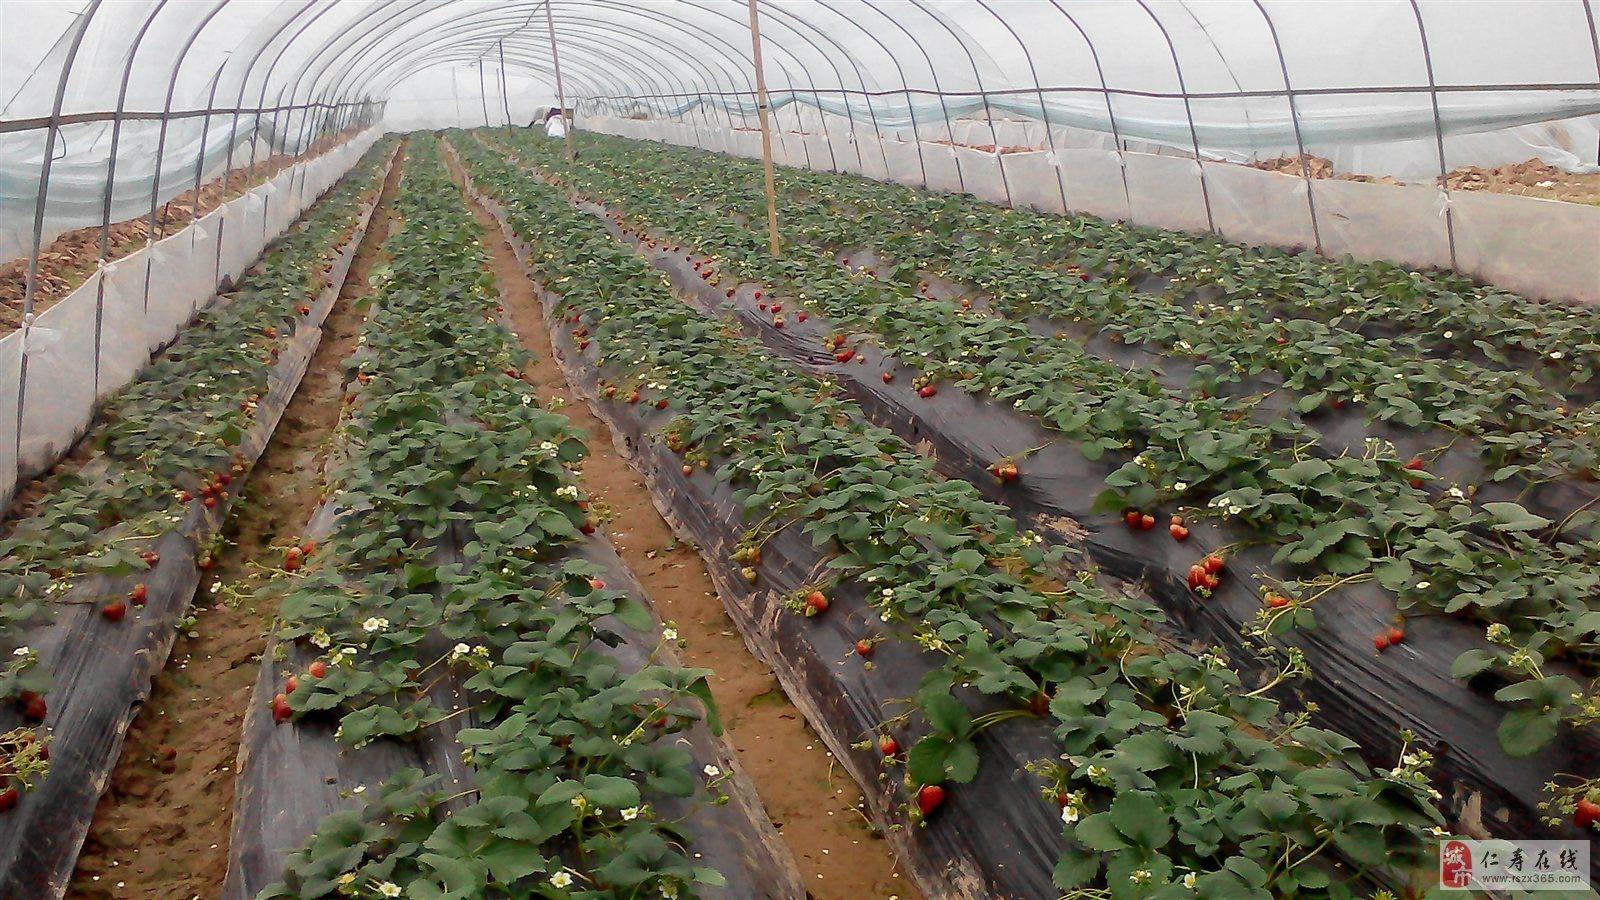 家庭农场�ylez)�9b$_馨馨家庭农场